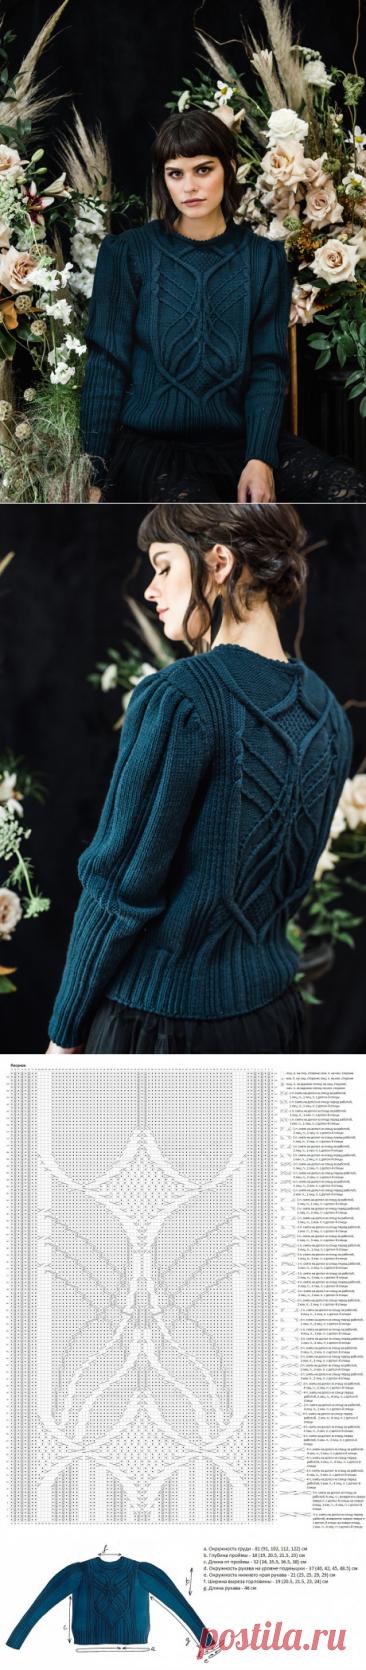 Джемпер Соловей для женщин, связанный спицами,  Вязание для женщин